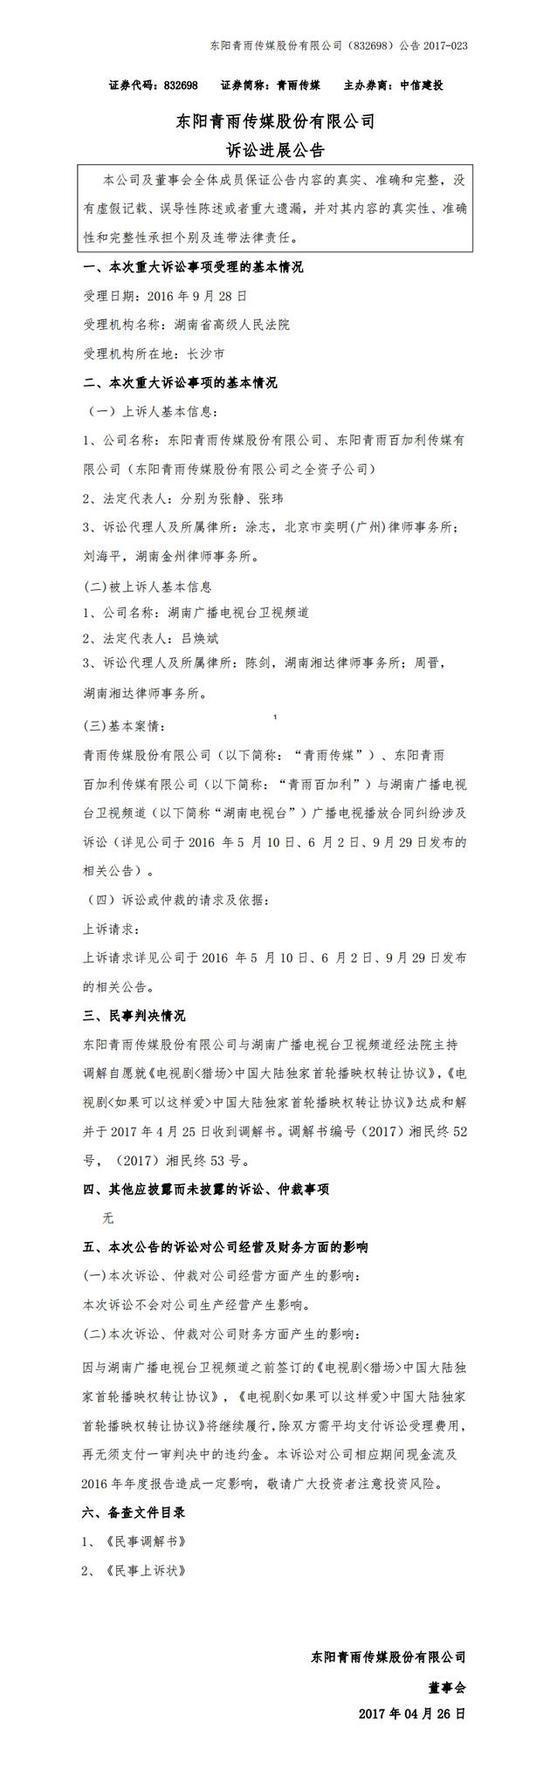 东阳青雨传媒诉讼进展公告